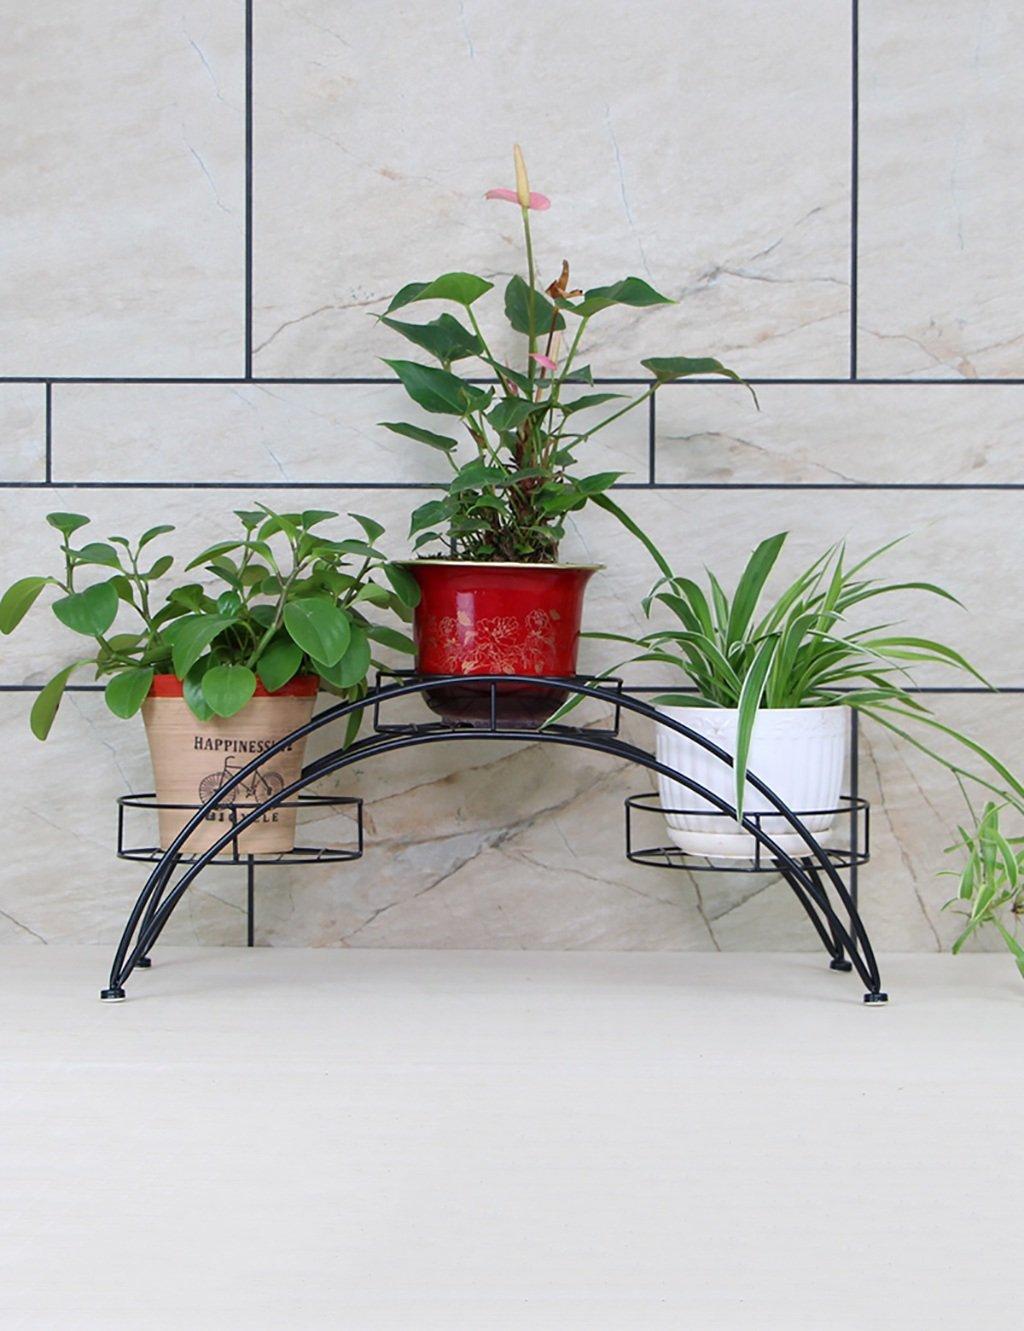 LB huajia ZHANWEI Europäische Stil Wohnzimmer Möbel Eisen Multilayer Blumenregal Blumentopf Rahmen Landung Balkon Blumenregal (Farbe : A, größe : 71 * 22 * 31cm)